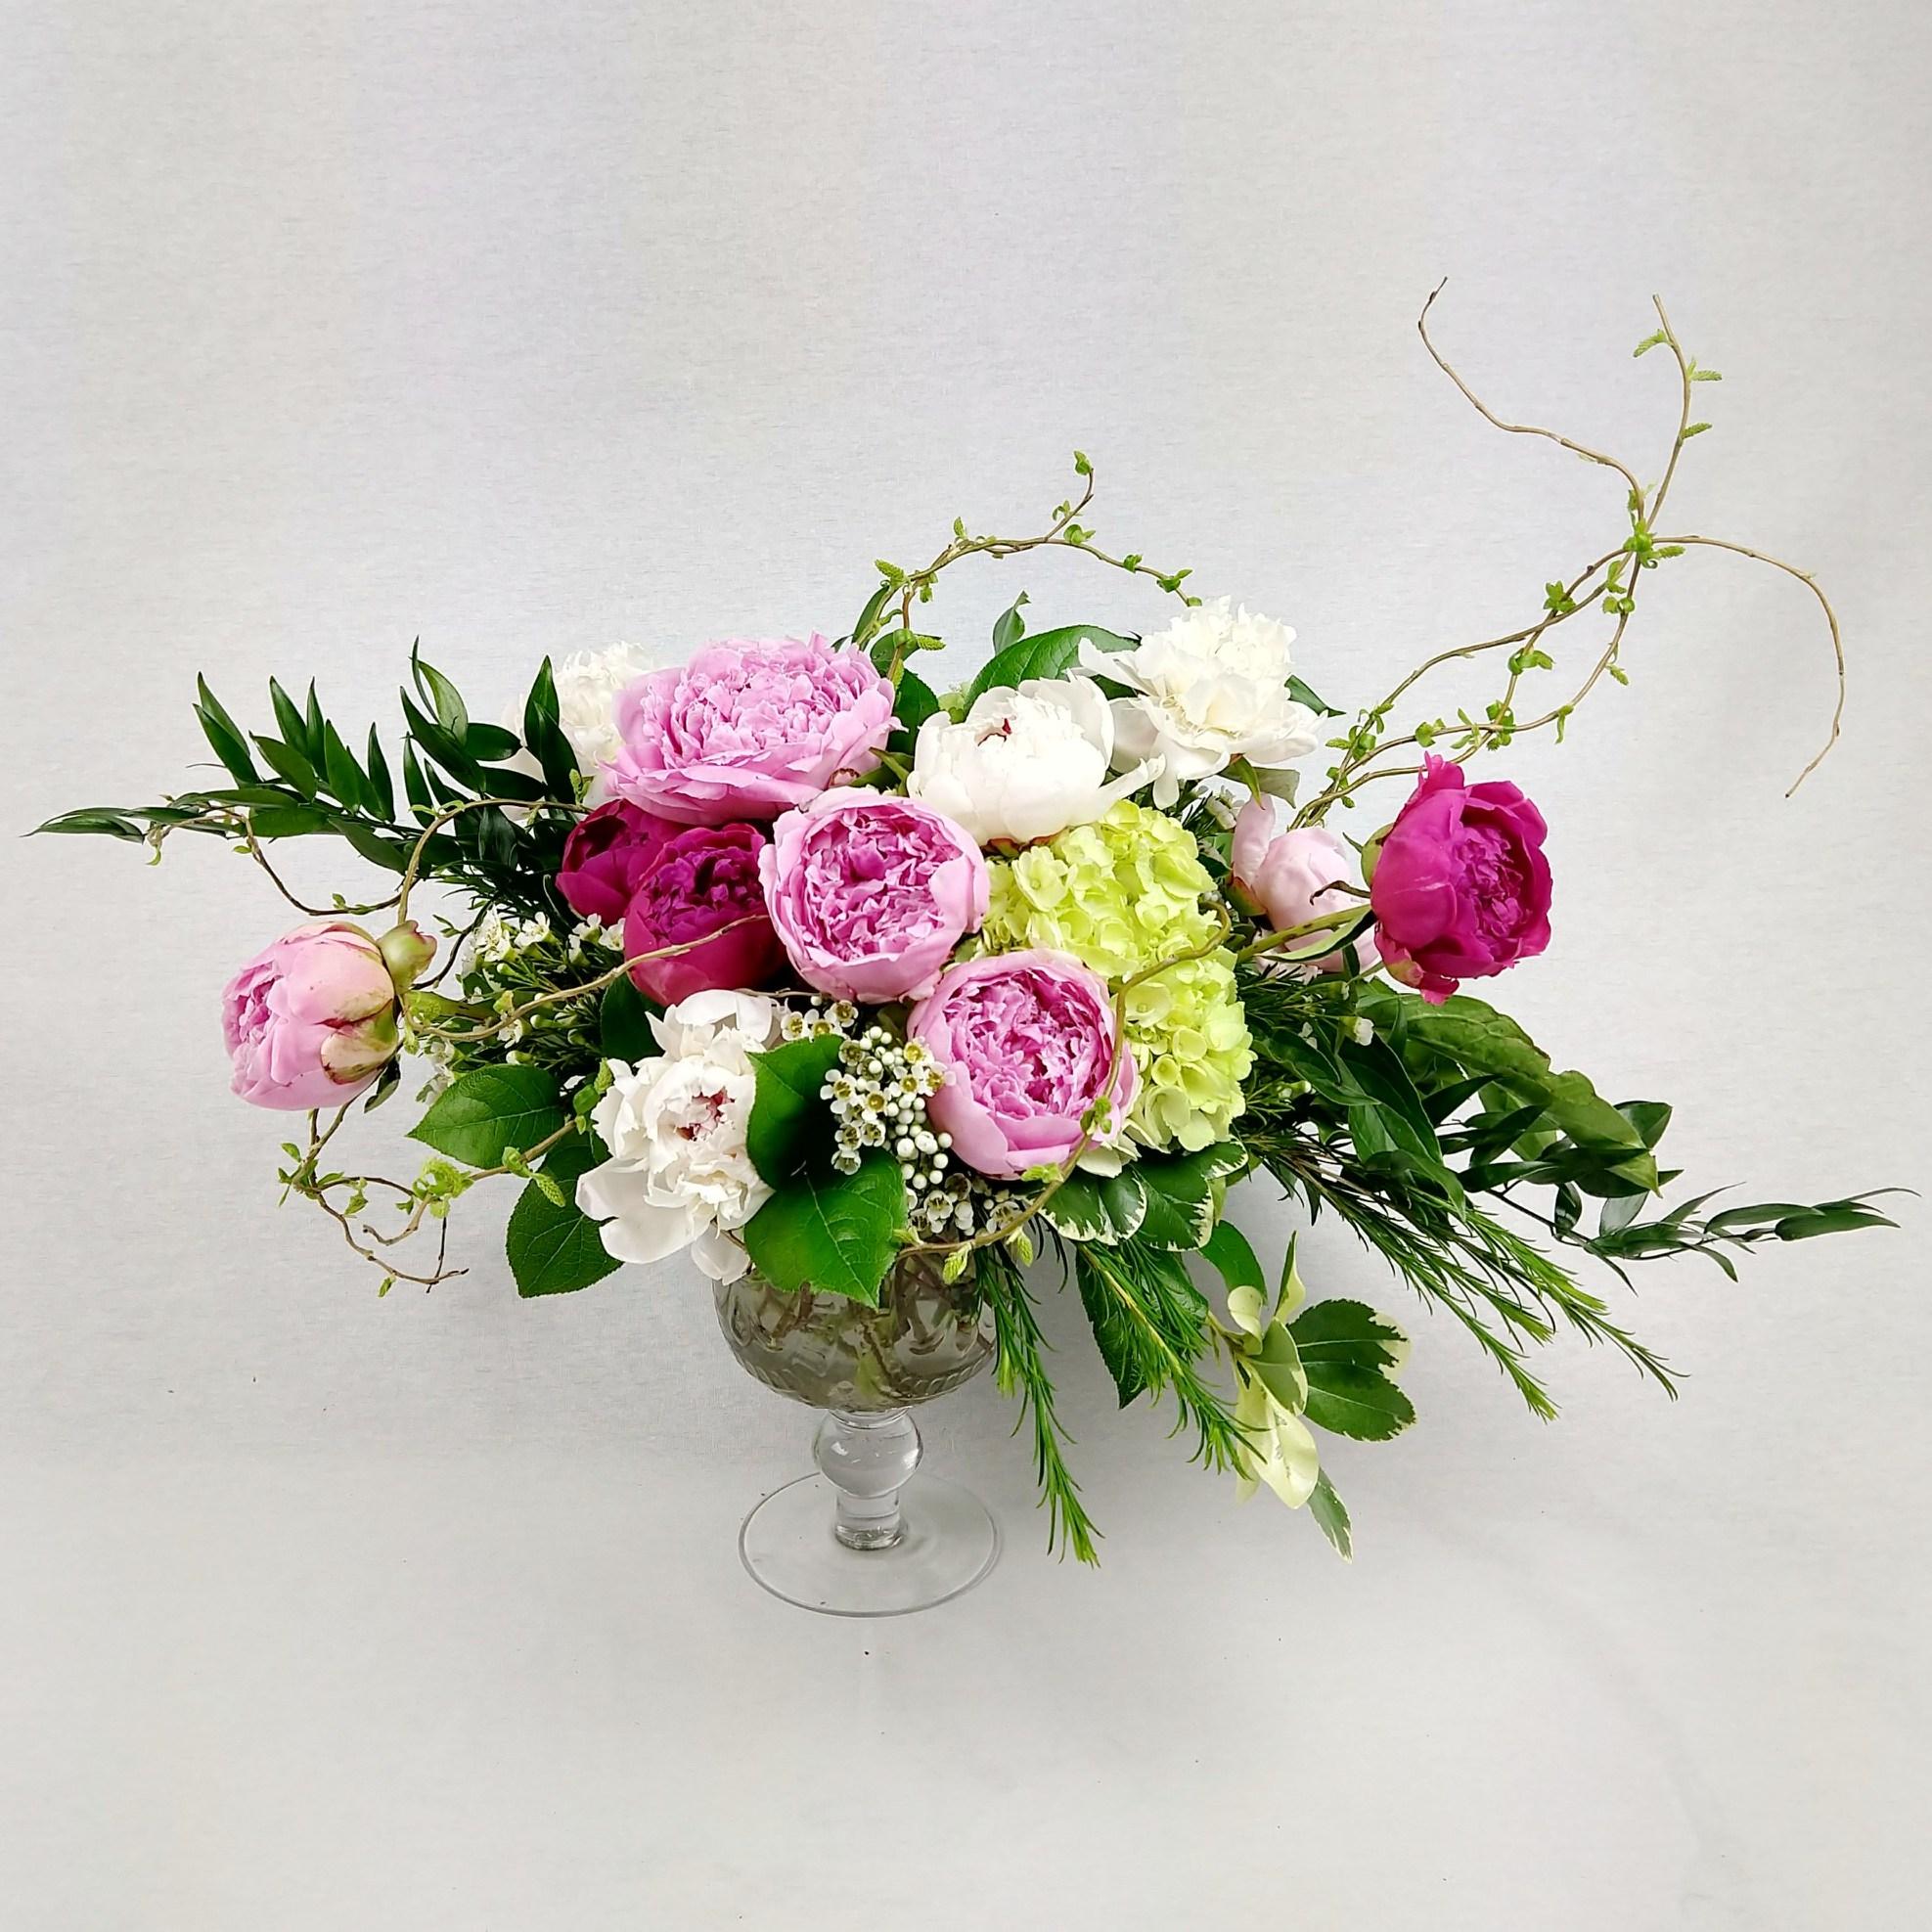 Posey Peddler Flowers & Emporium